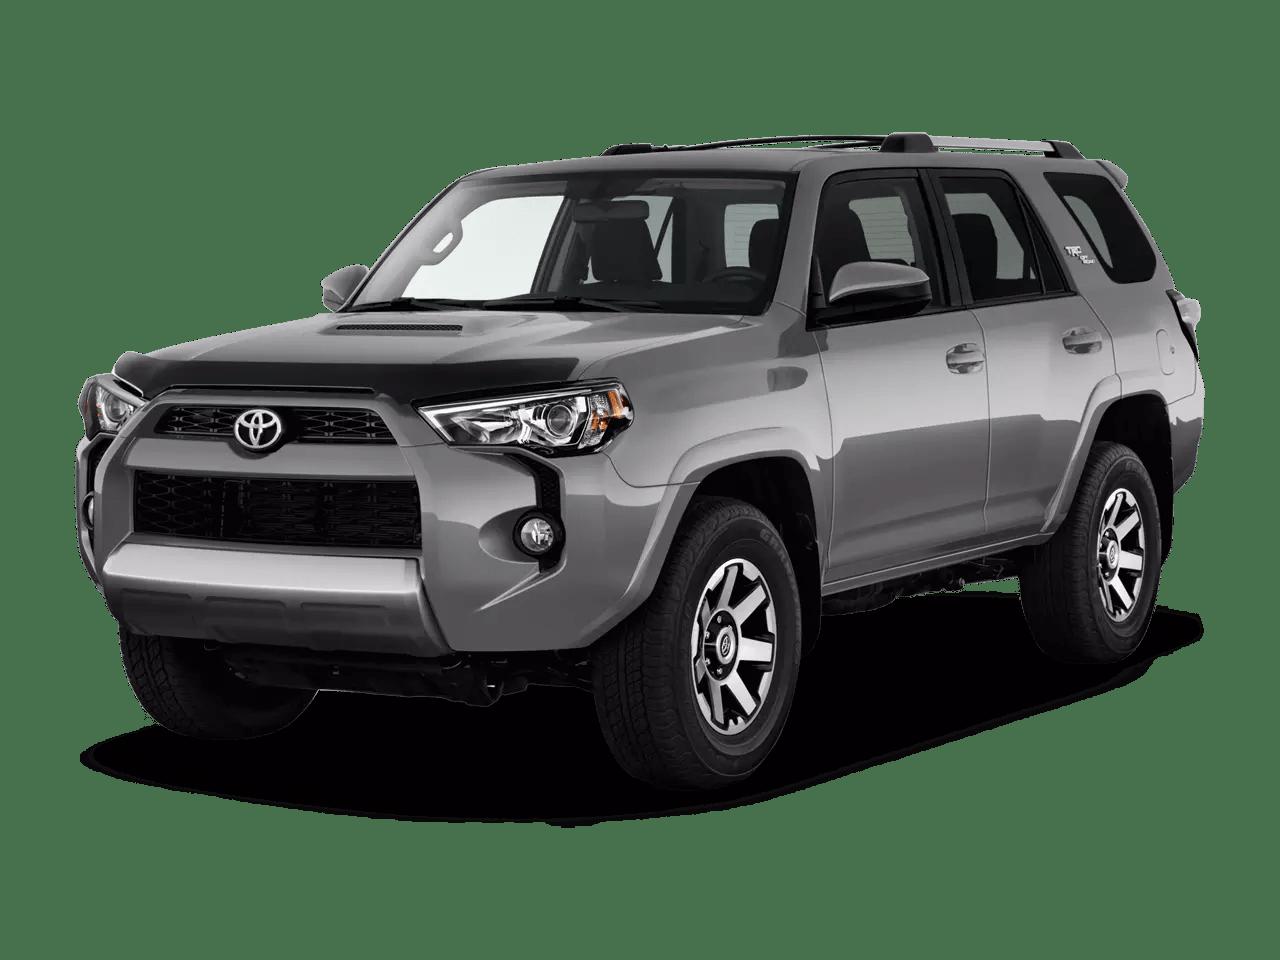 toyota yaris ia trd harga all new kijang innova bekas 2018 4runner off road premium in spirit